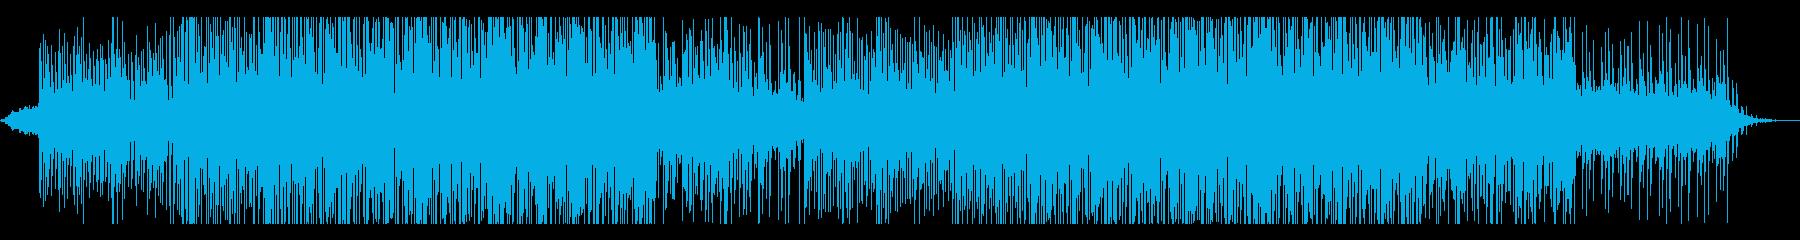 スタイリッシュなチルアウトの曲の再生済みの波形